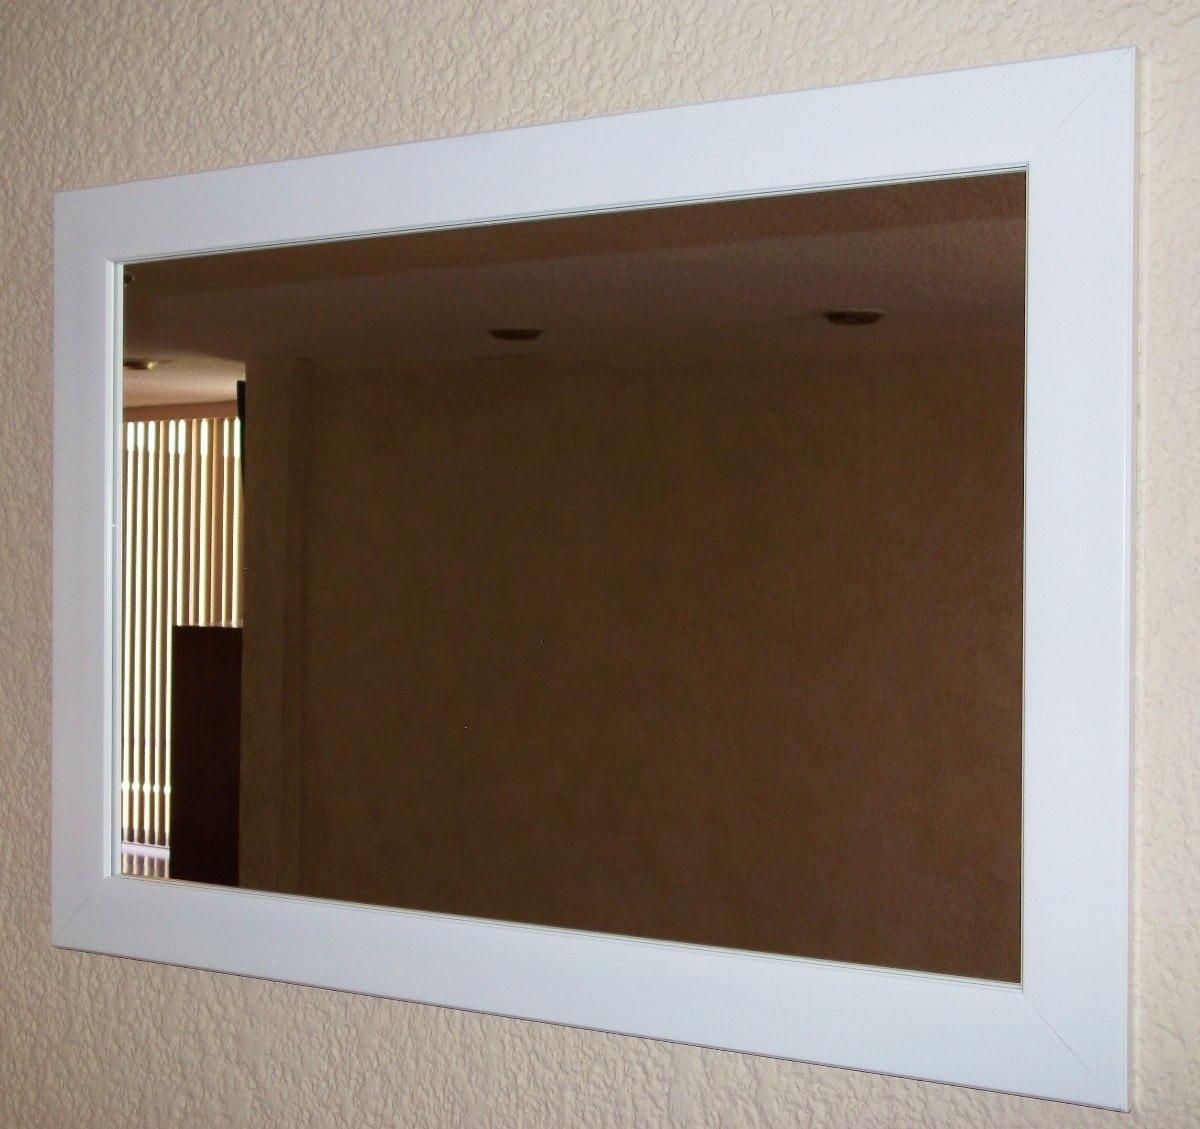 Espejo 70 x 50 cm espejo varios colores con marco 340 for Espejos grandes con marco